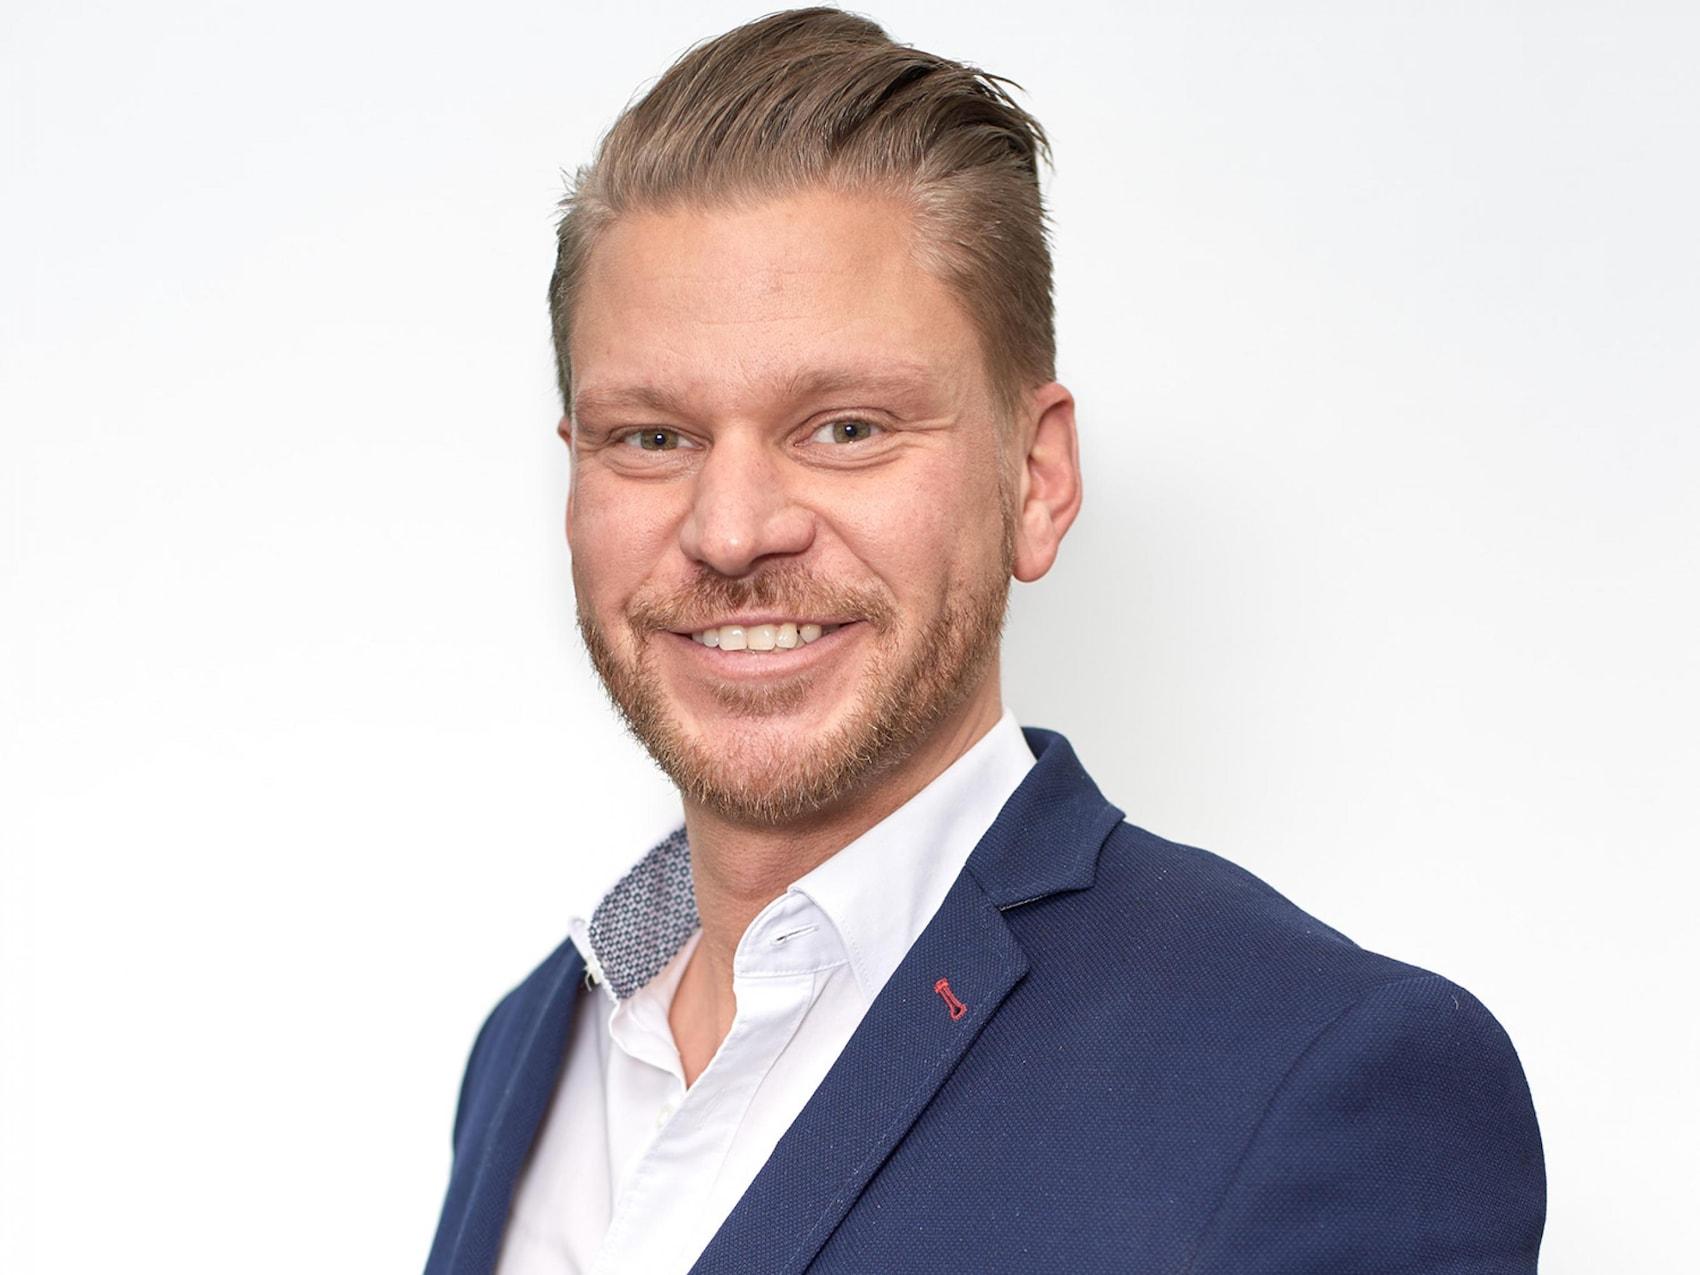 Marcel Schiffbauer